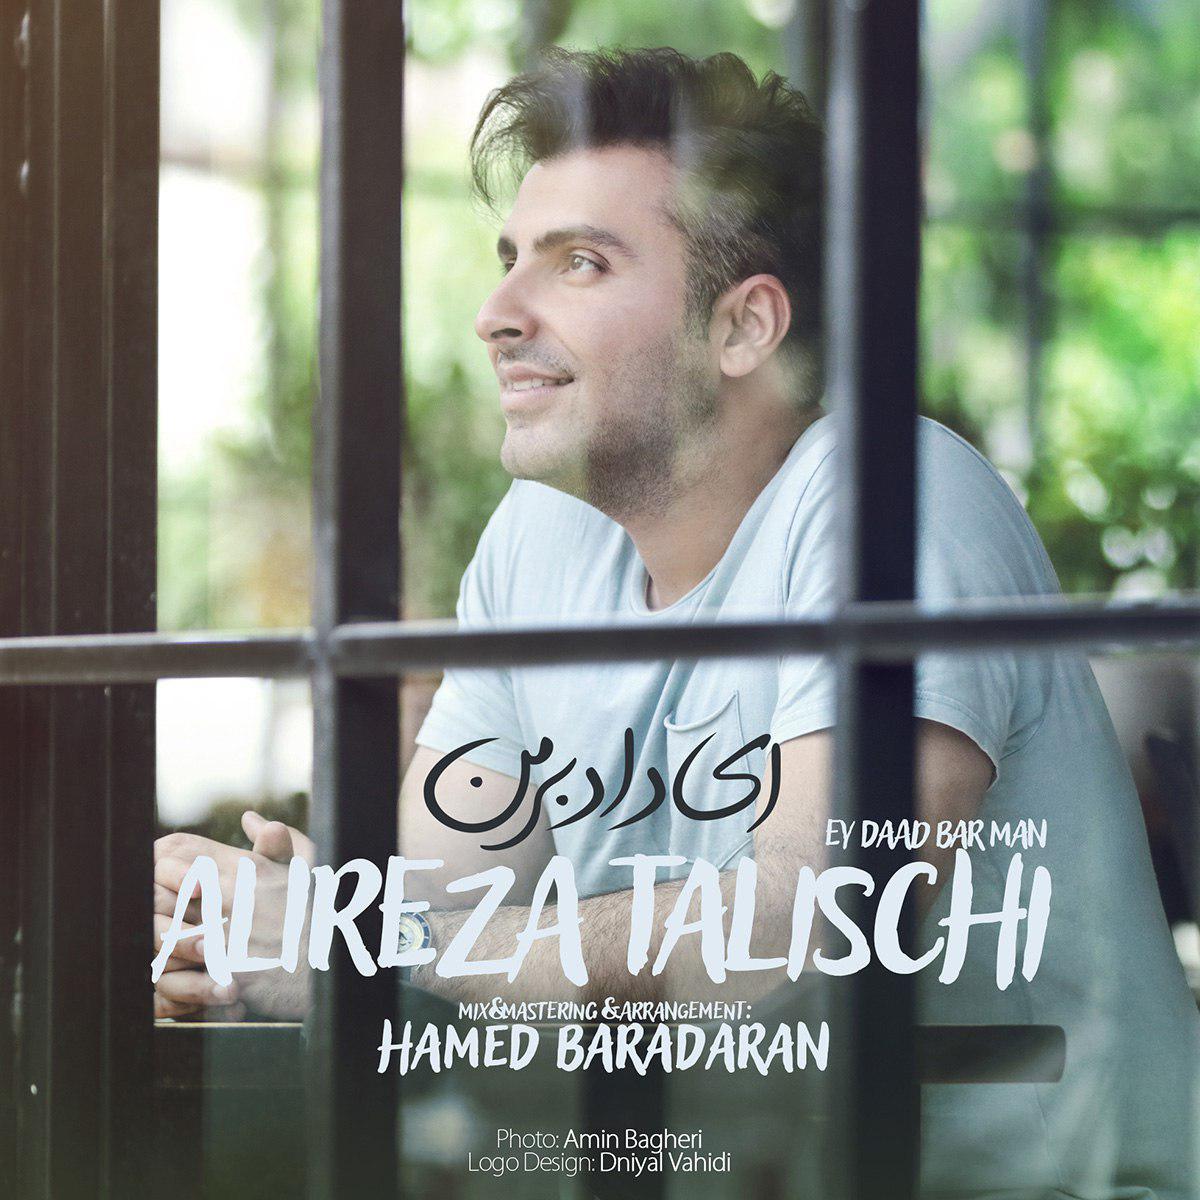 Alireza Talischi – Ey Daad Bar Man